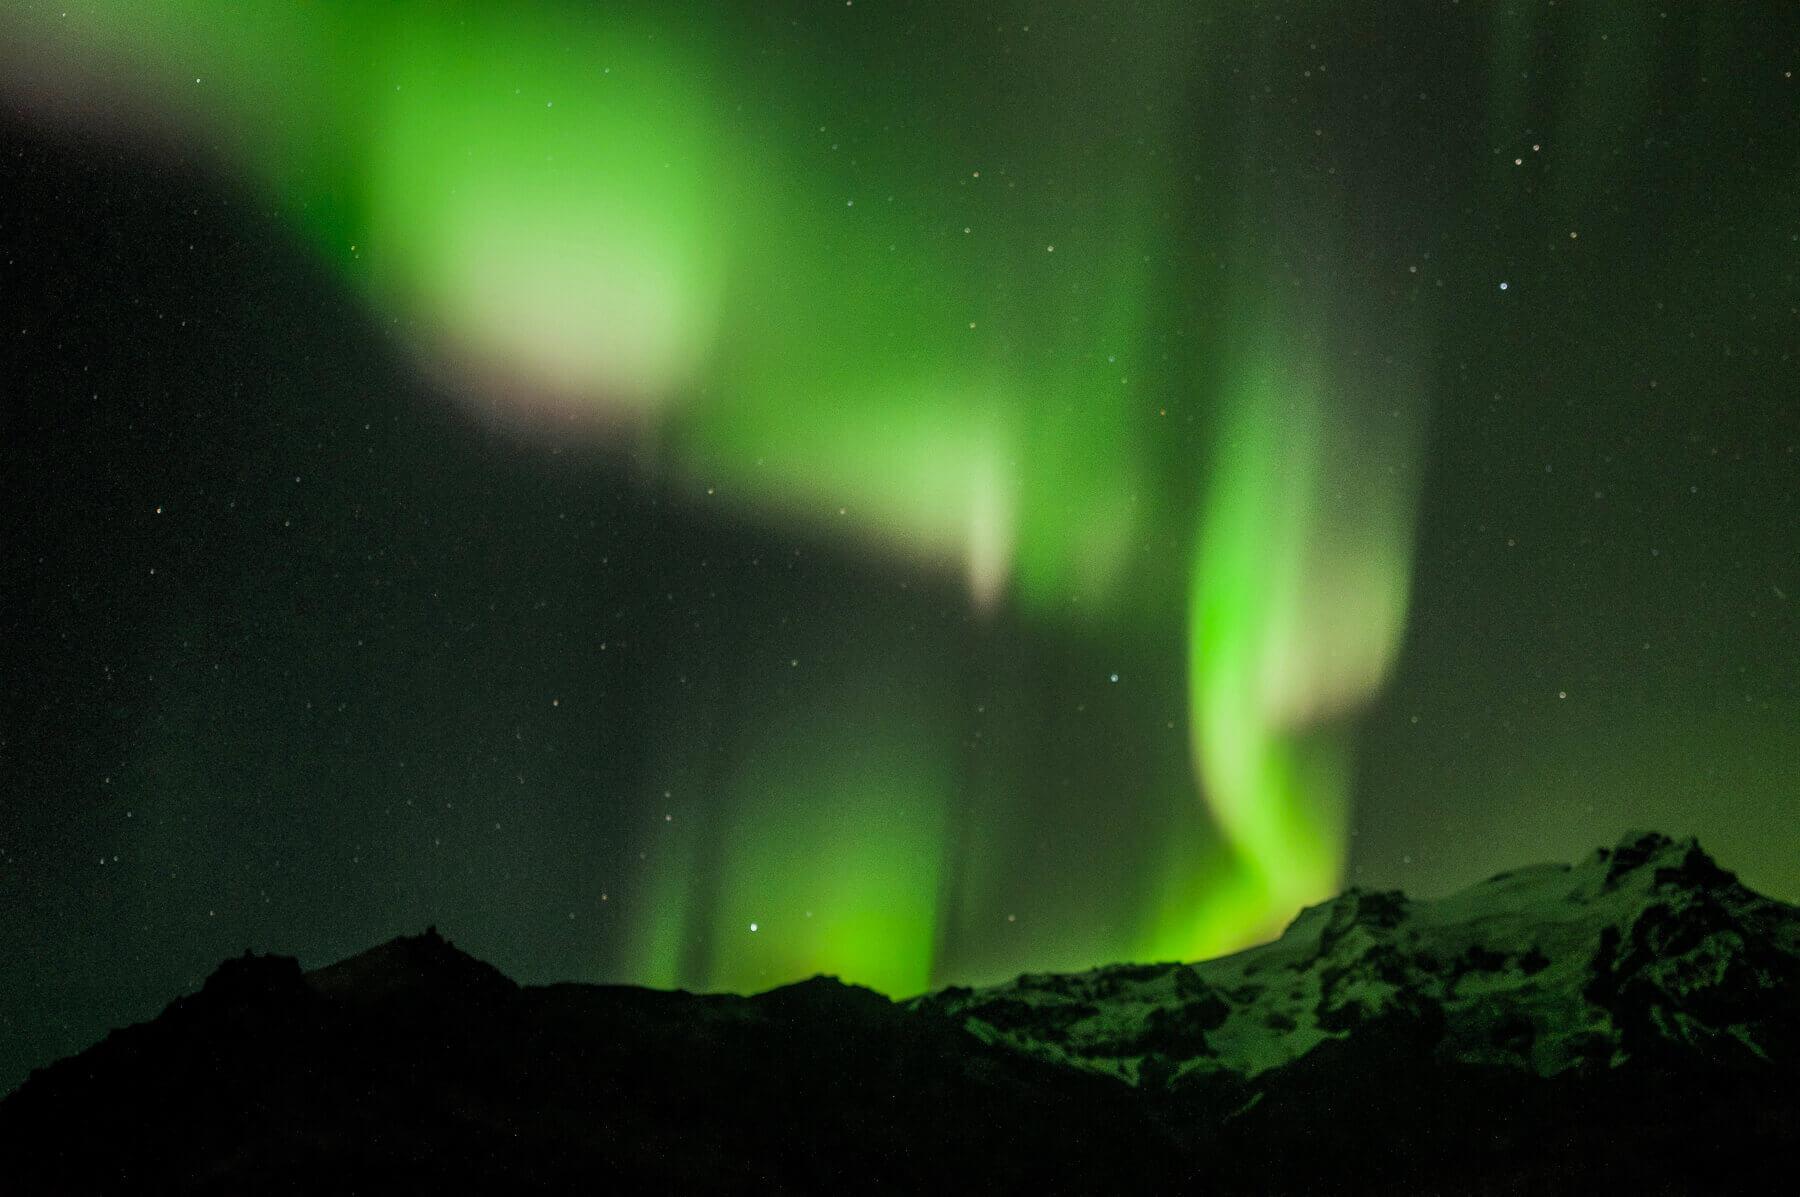 The Aurora Borealis streaming above the mountains